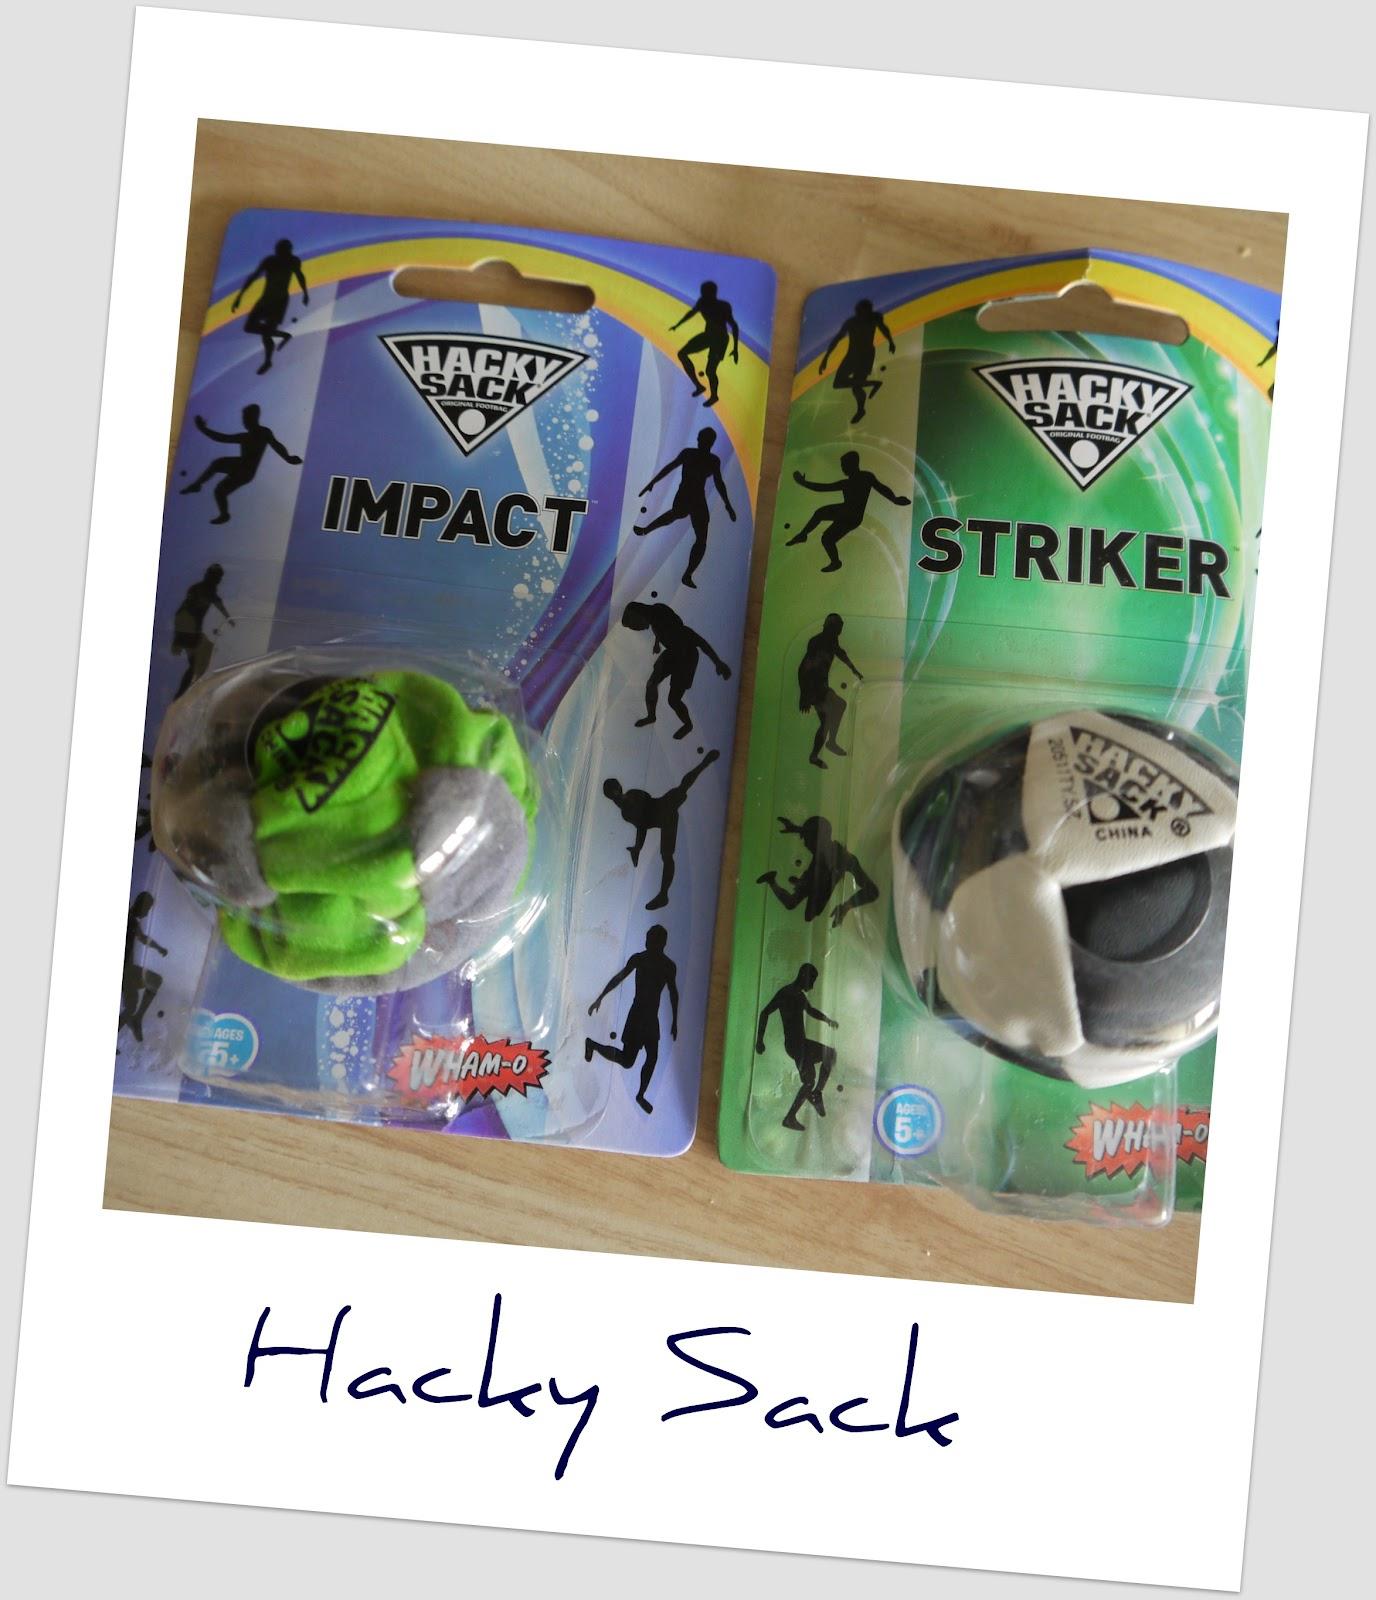 hacky sack skills